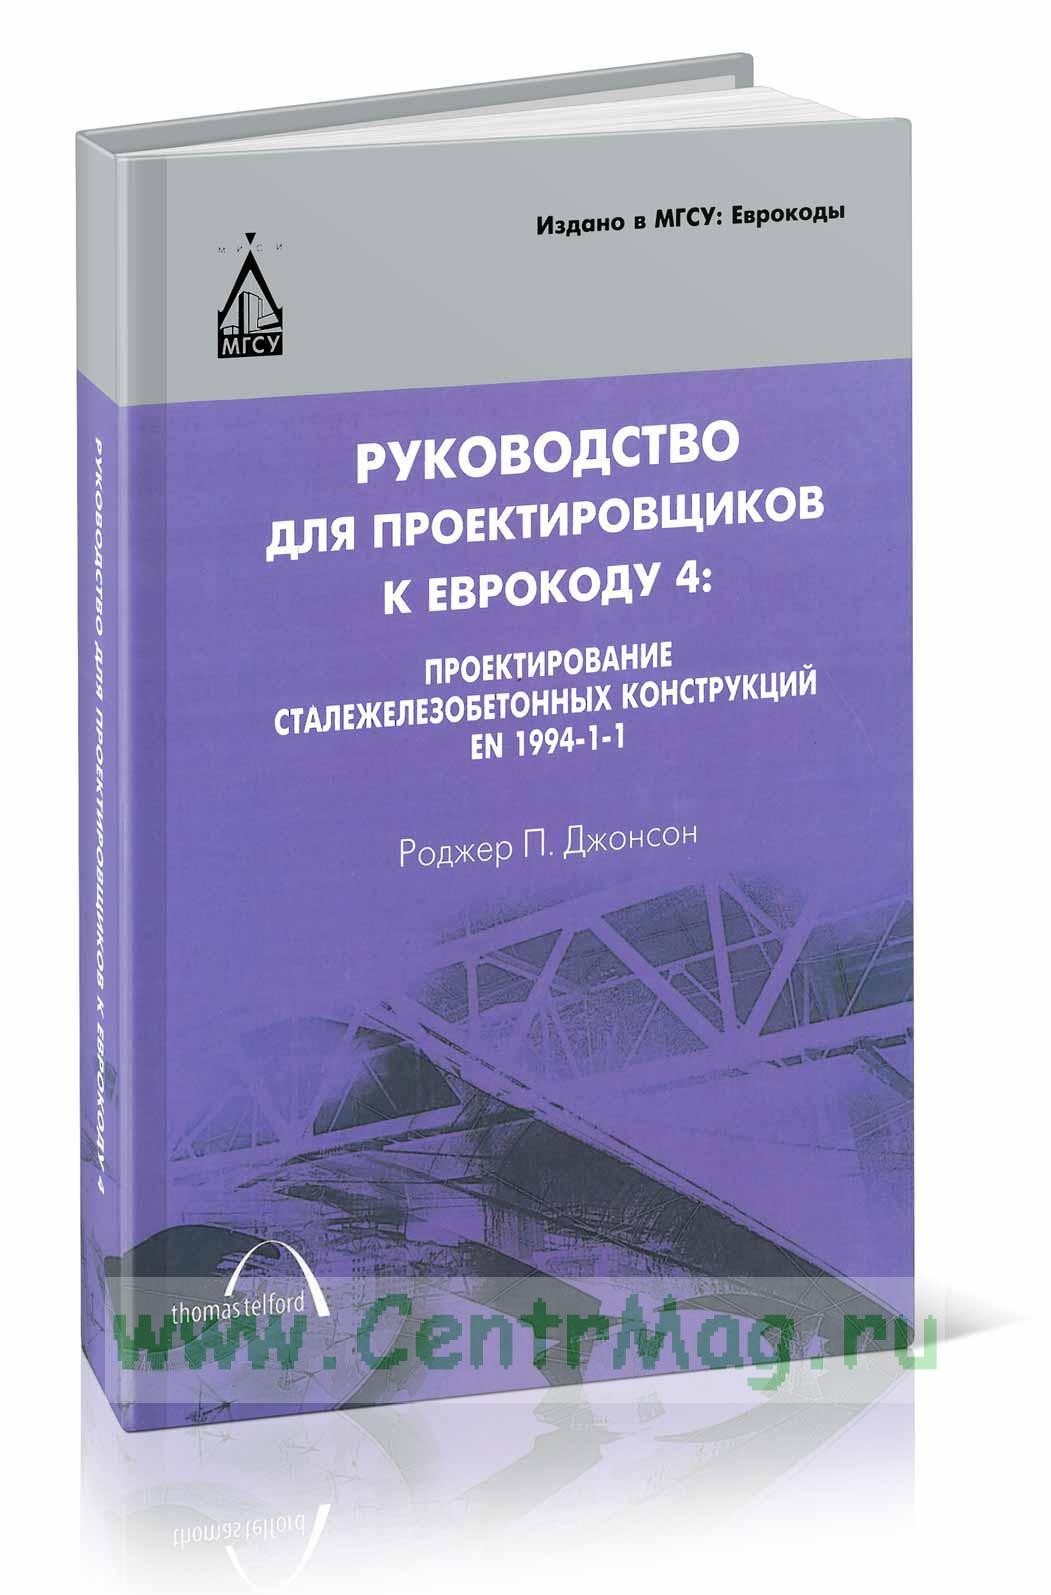 Руководство для проектировщиков к Еврокоду 4: Проектирование сталежелезобетонных конструкций. EN 1994-1-1 (2-е издание)